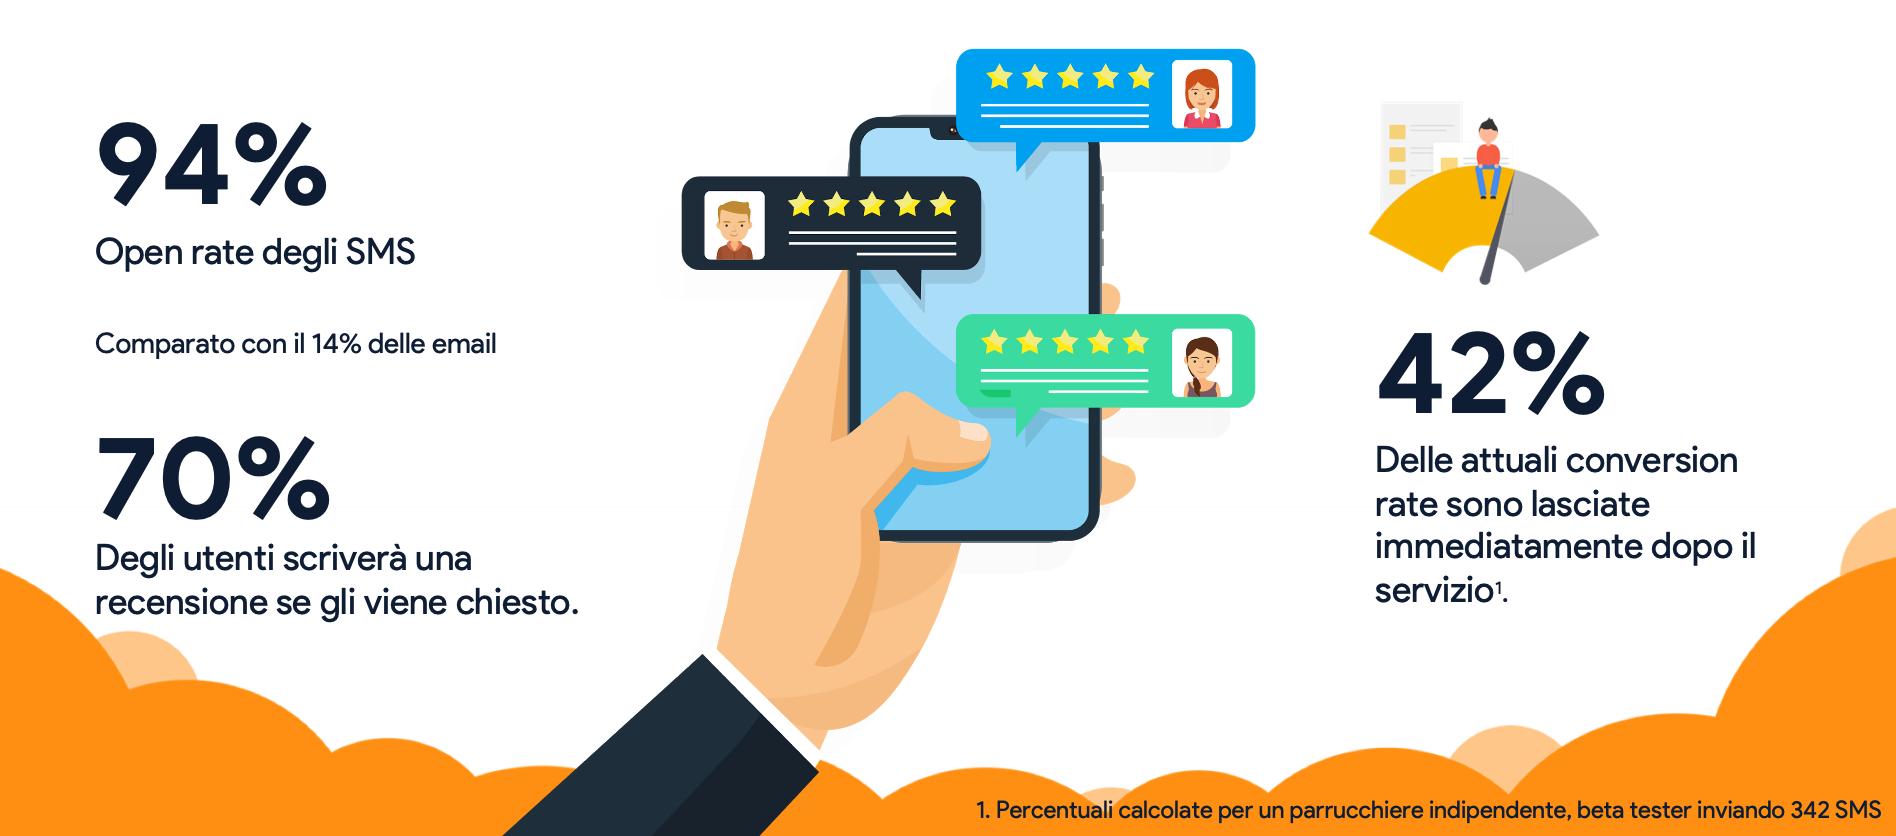 SMS tasso di conversione